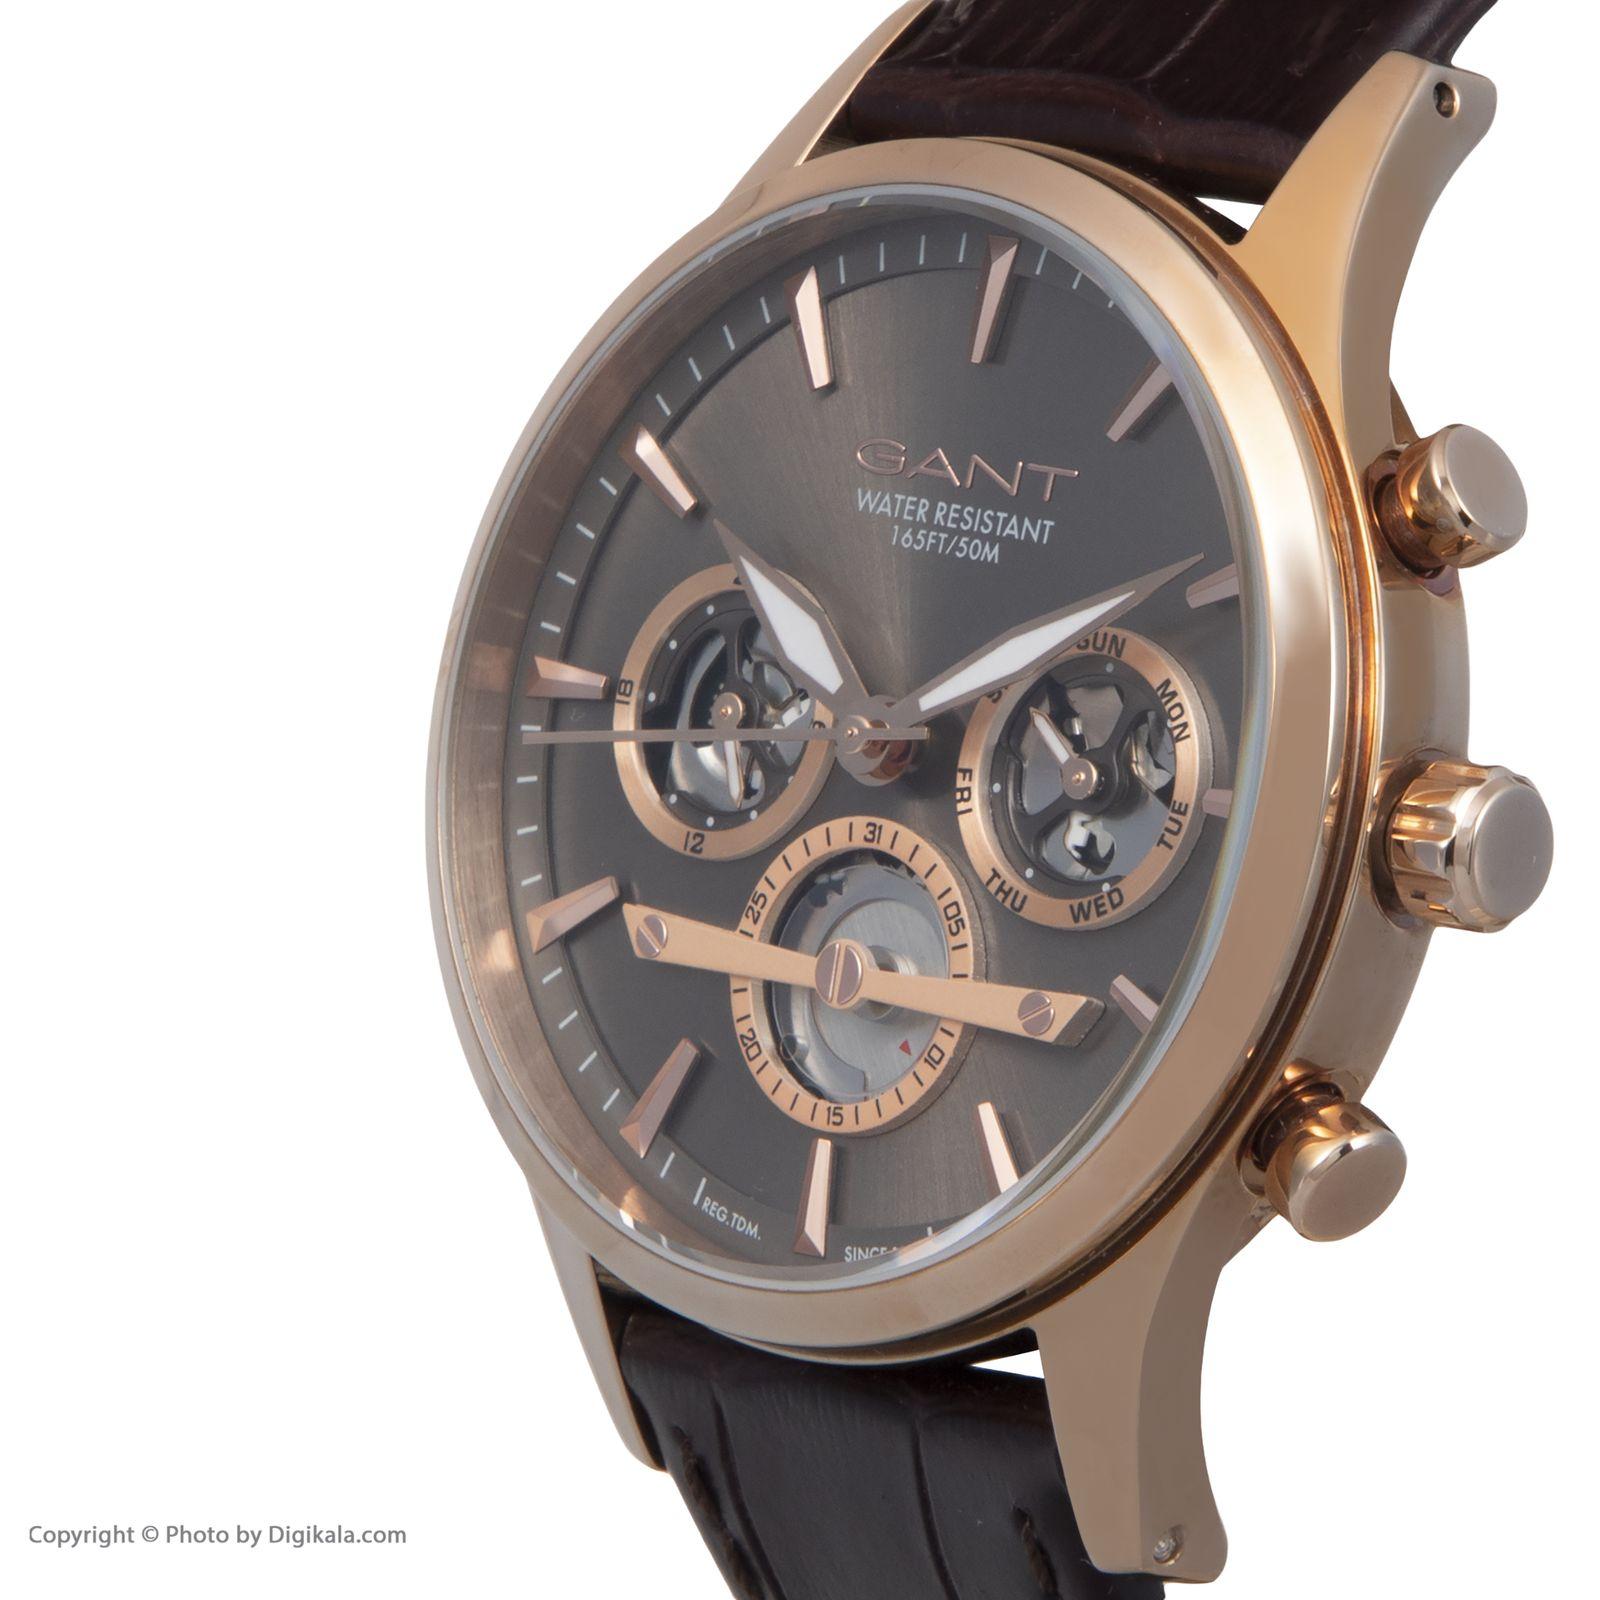 ساعت مچی عقربه ای مردانه گنت مدل GWW005003 -  - 4